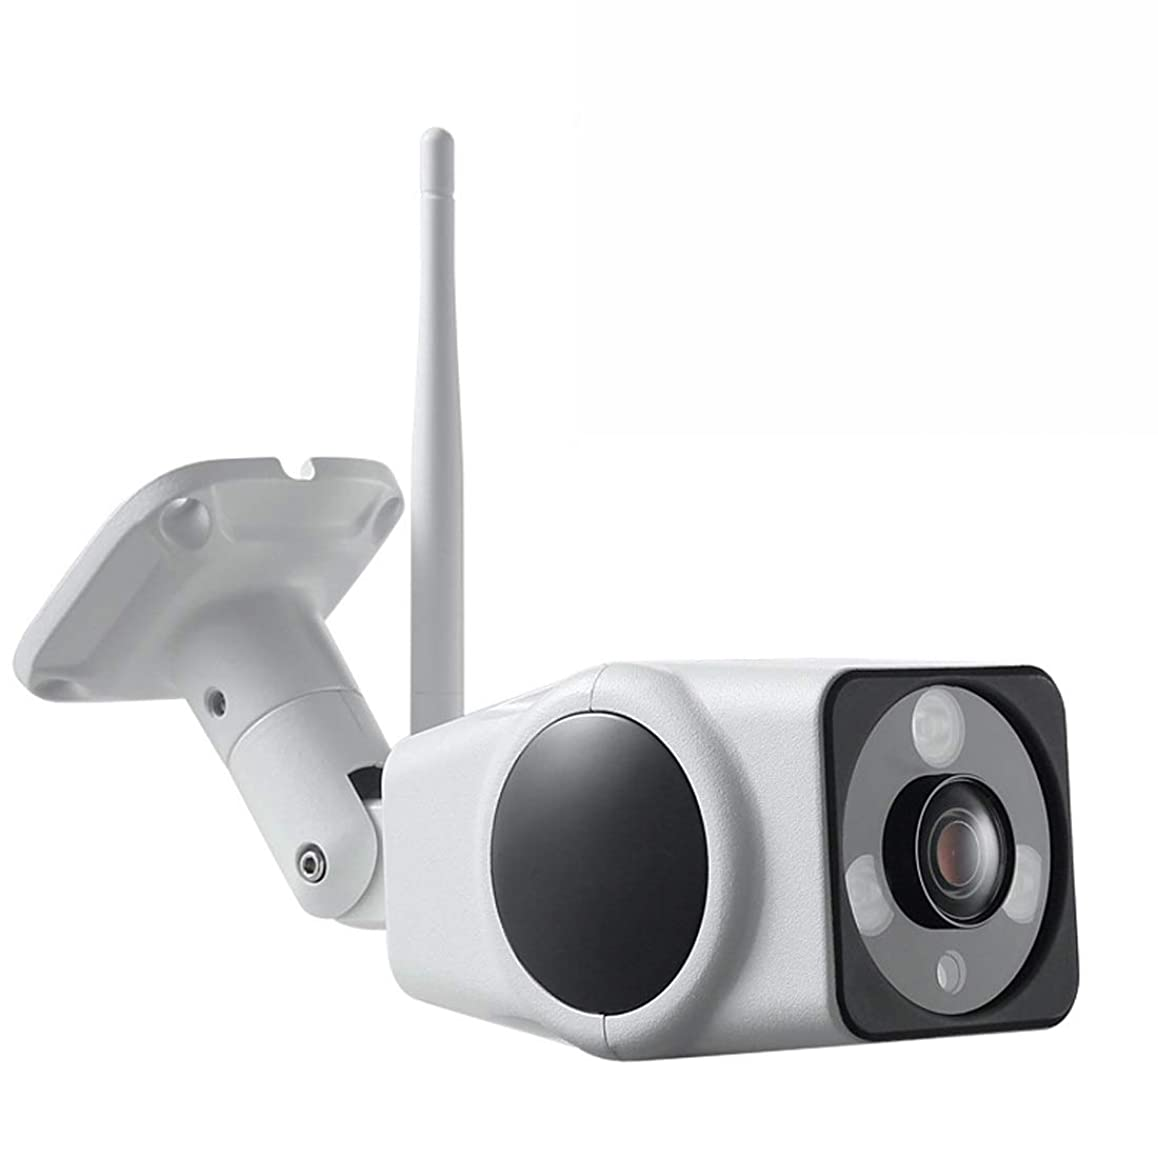 無駄なタイヤ側溝影寳服装店 防水4Gワイヤレスカメラ屋外の携帯電話の遠隔監視カード監視カメラ